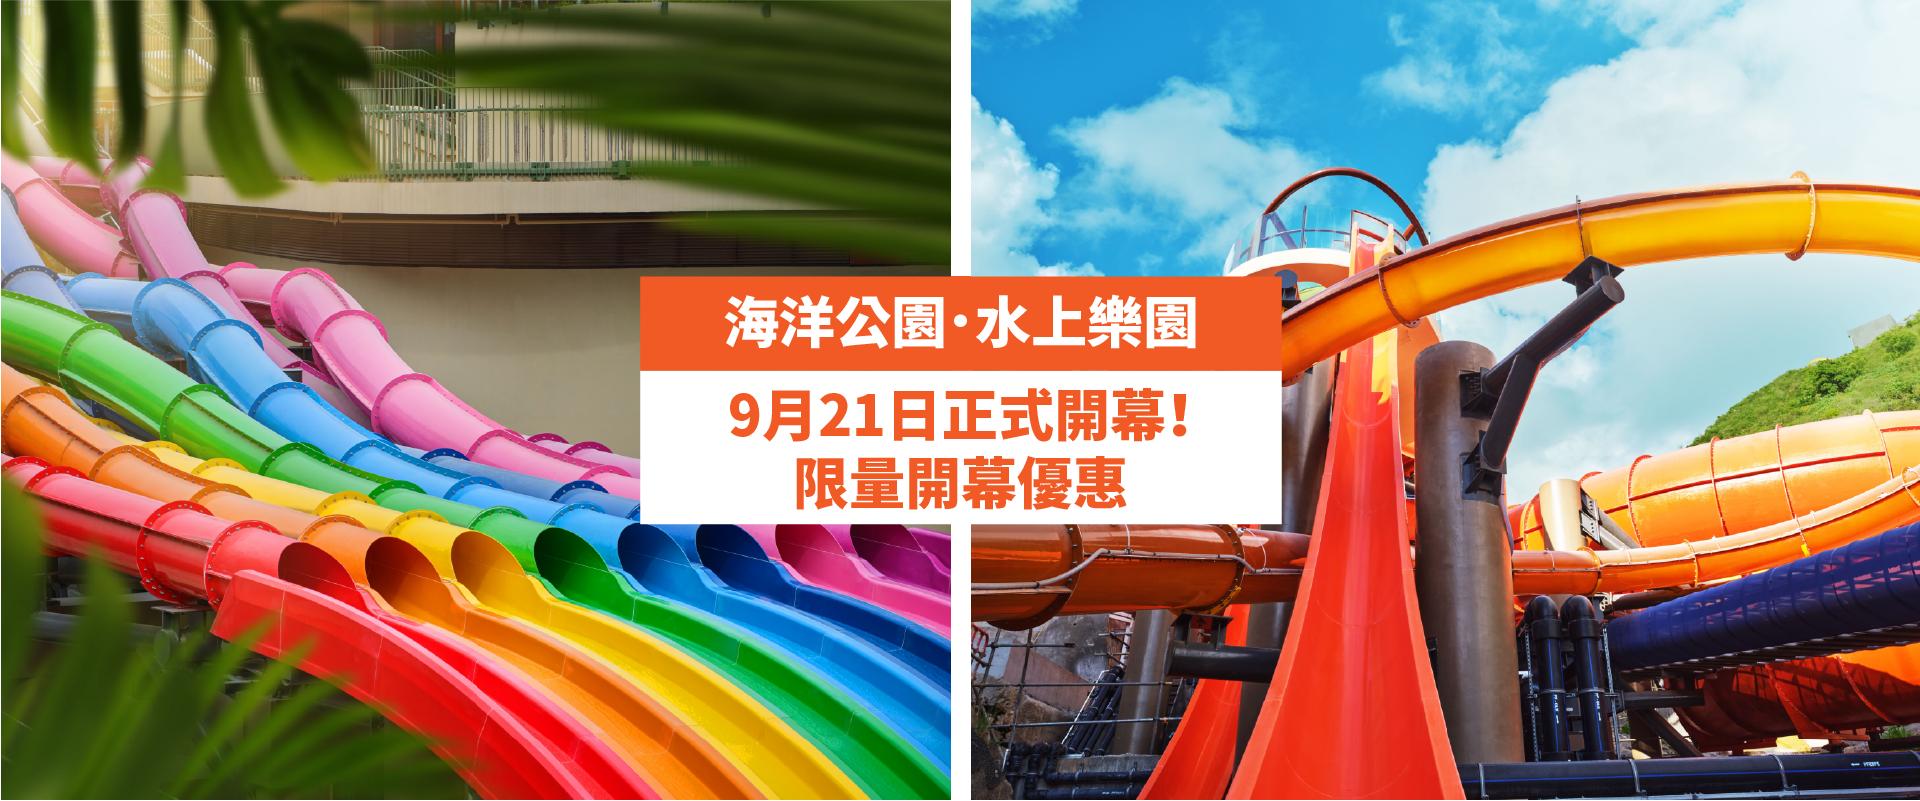 全新海洋公園.水上樂園限量開幕優惠—9月21日正式開幕!